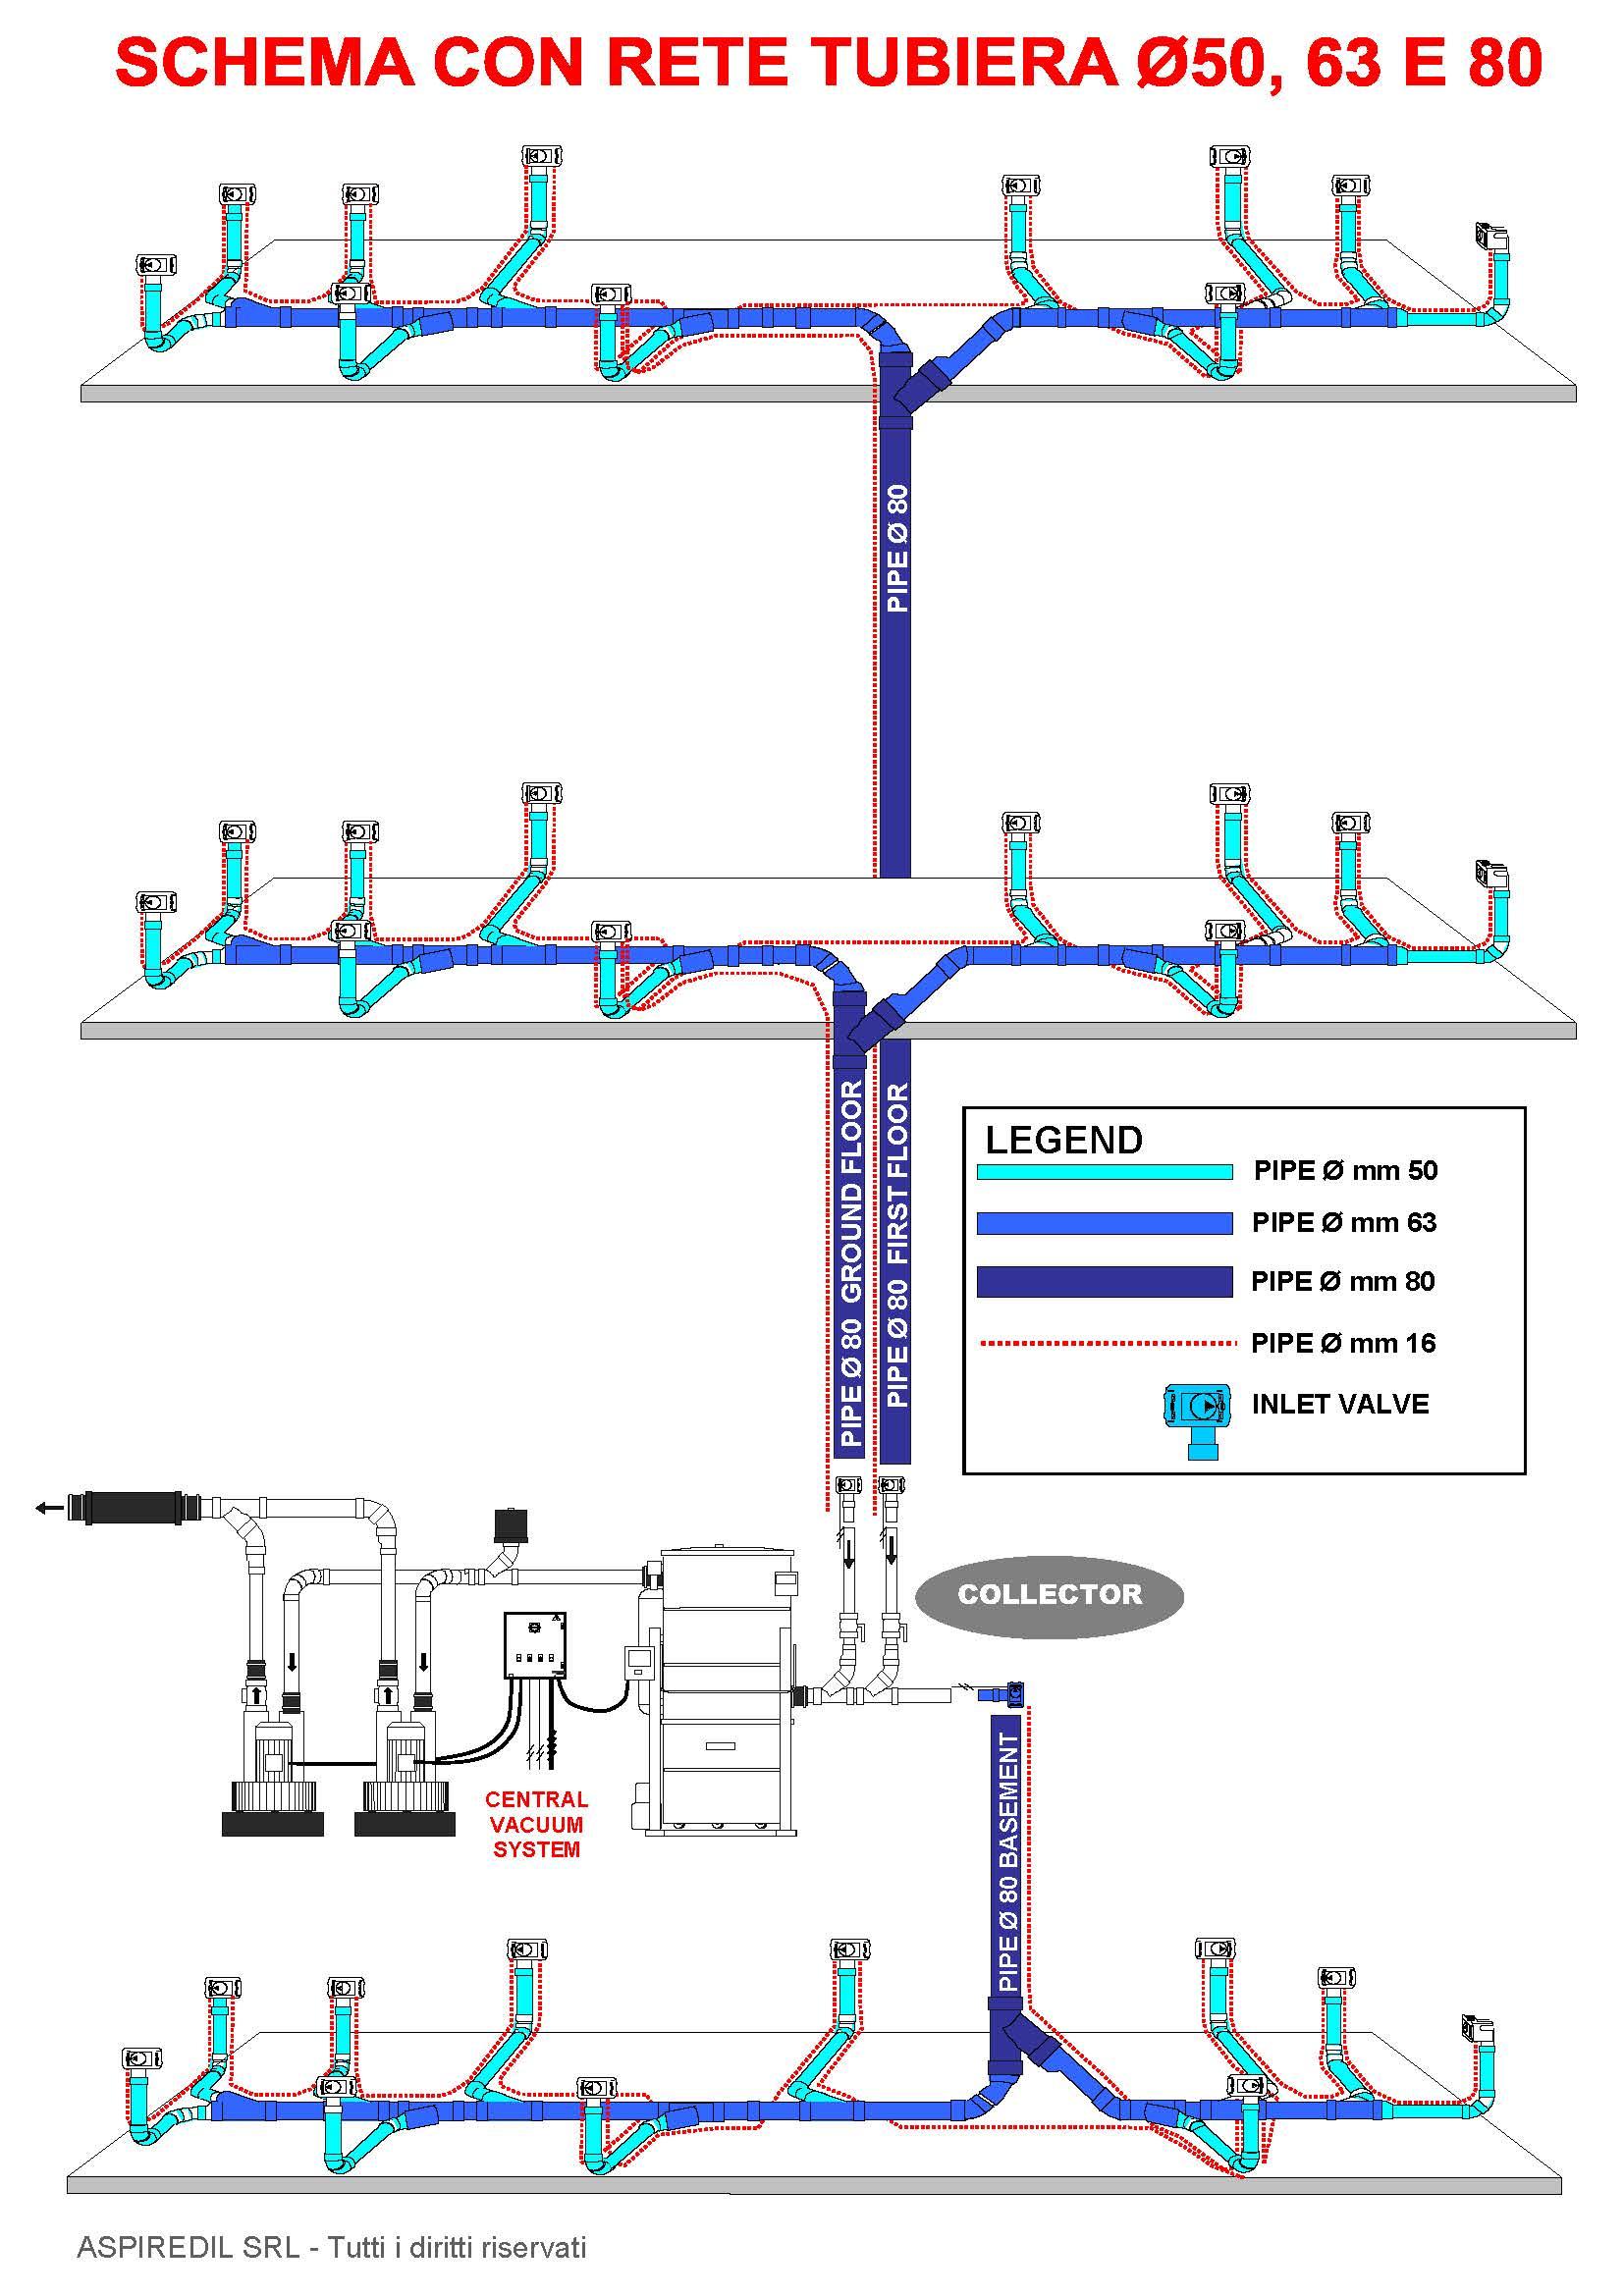 Schema impianto di aspirazione centralizzato terziario, industriale o professionale